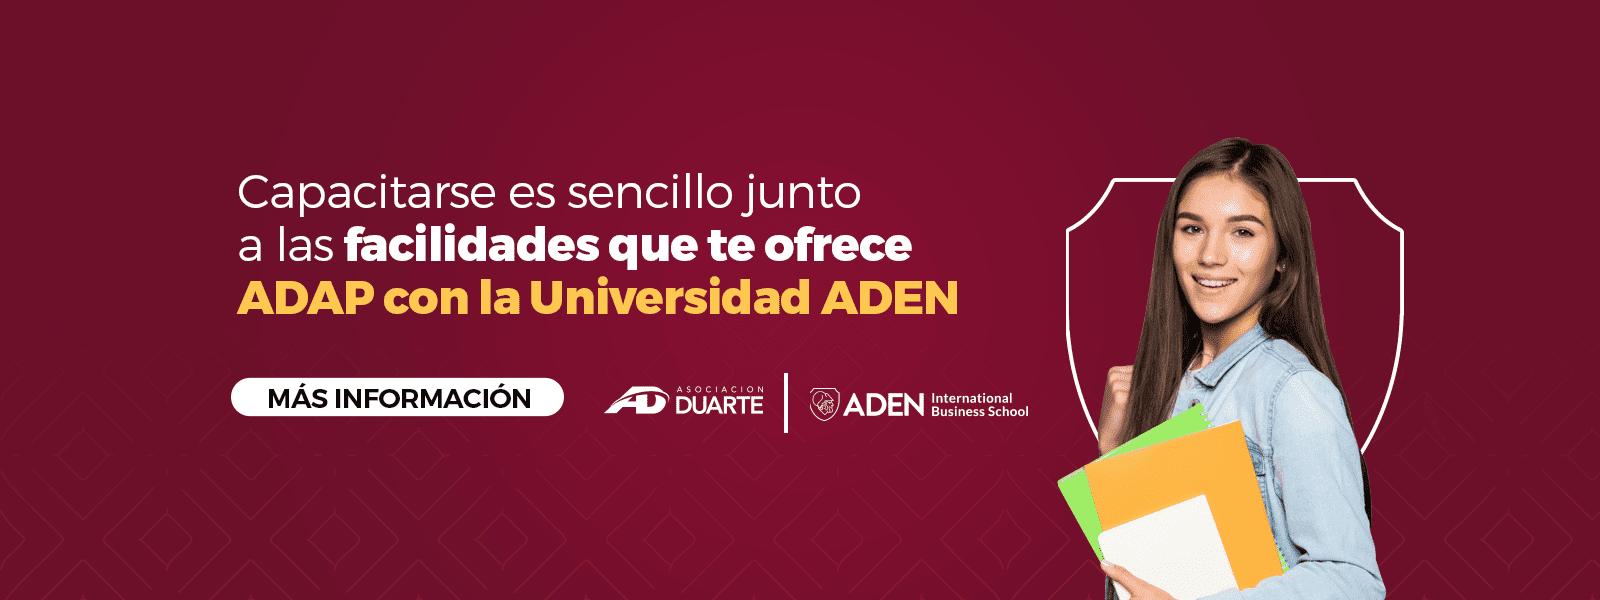 Alianza ADEN – ADAP WEB